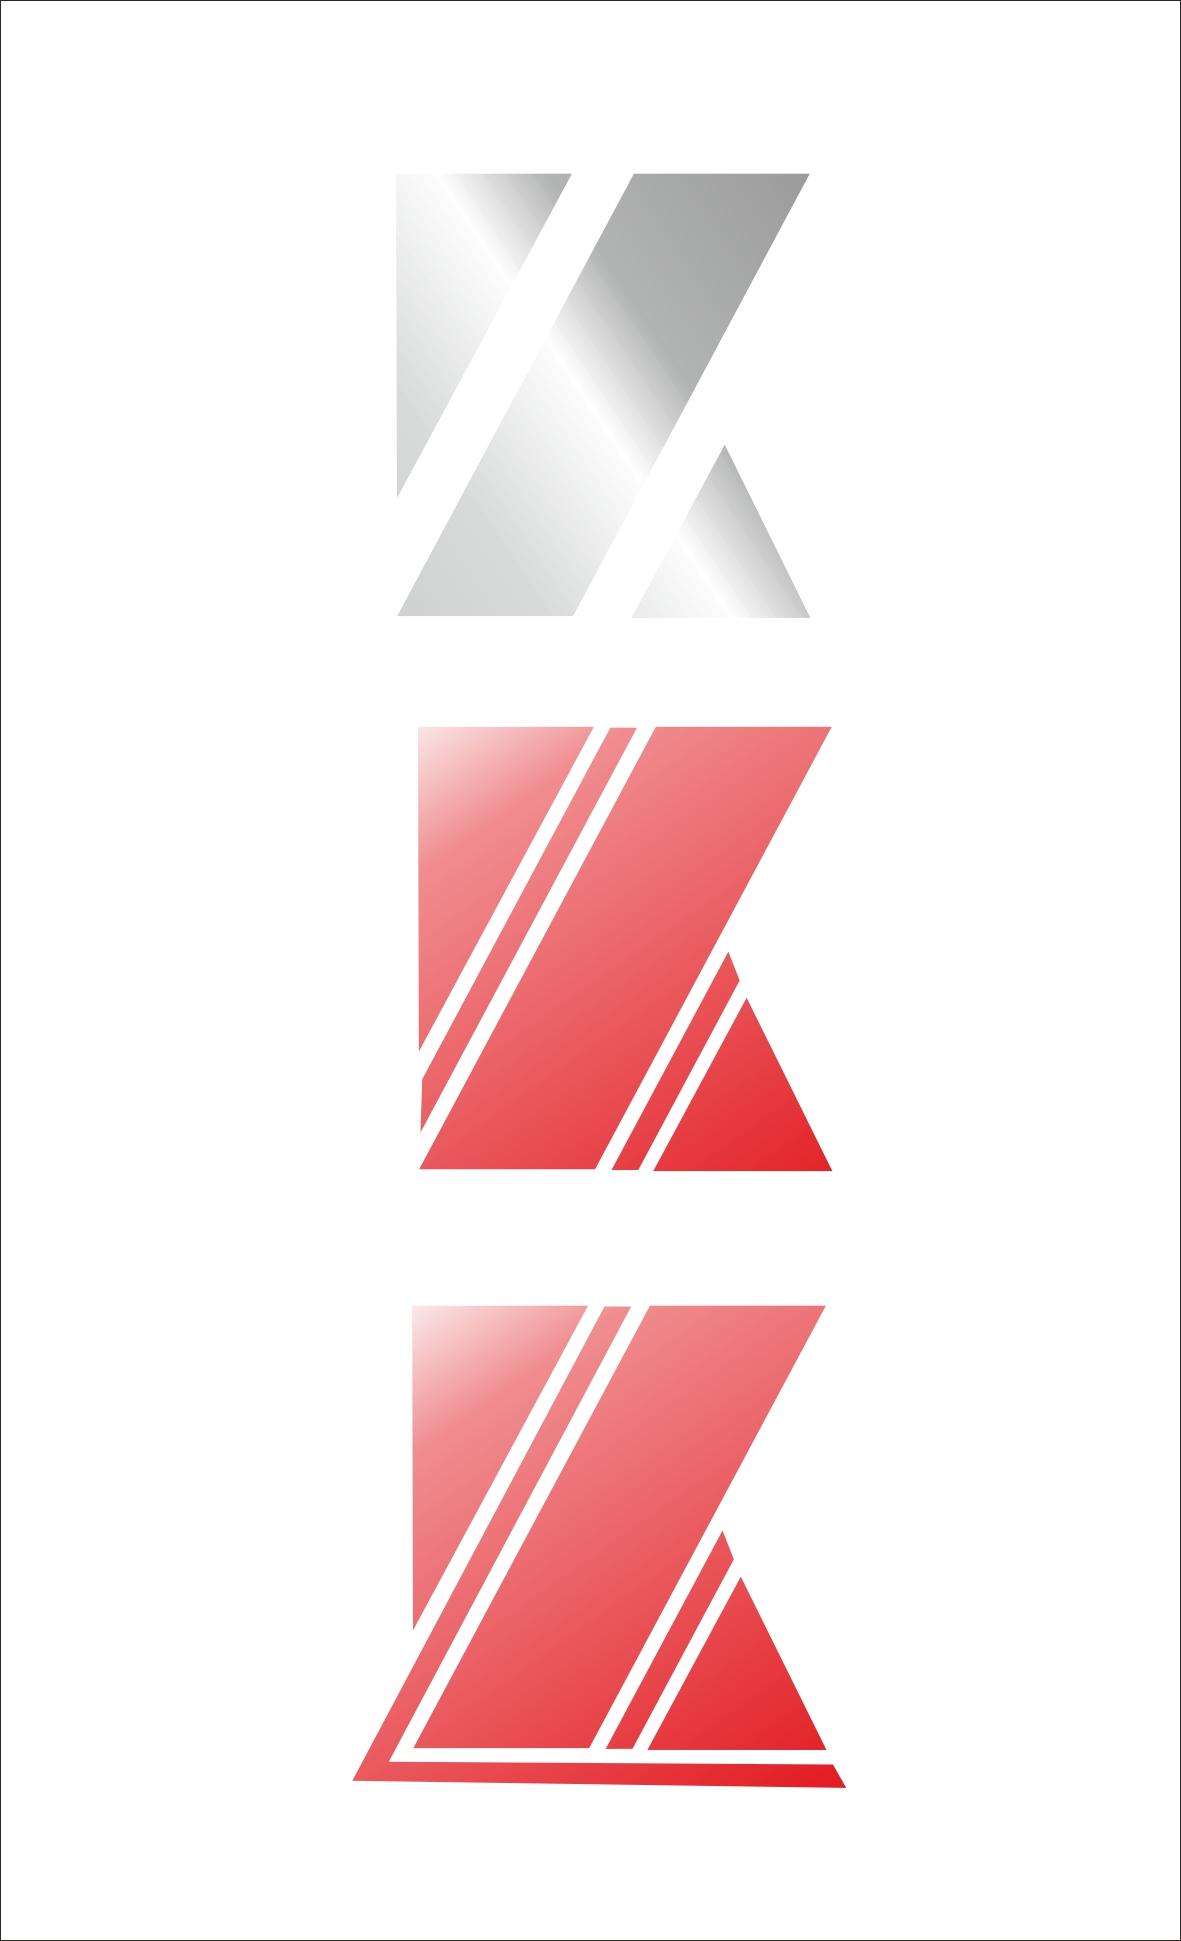 Разработка логотипа, фирменных цветов и фирменного знака фото f_911533c24b3a461f.jpg